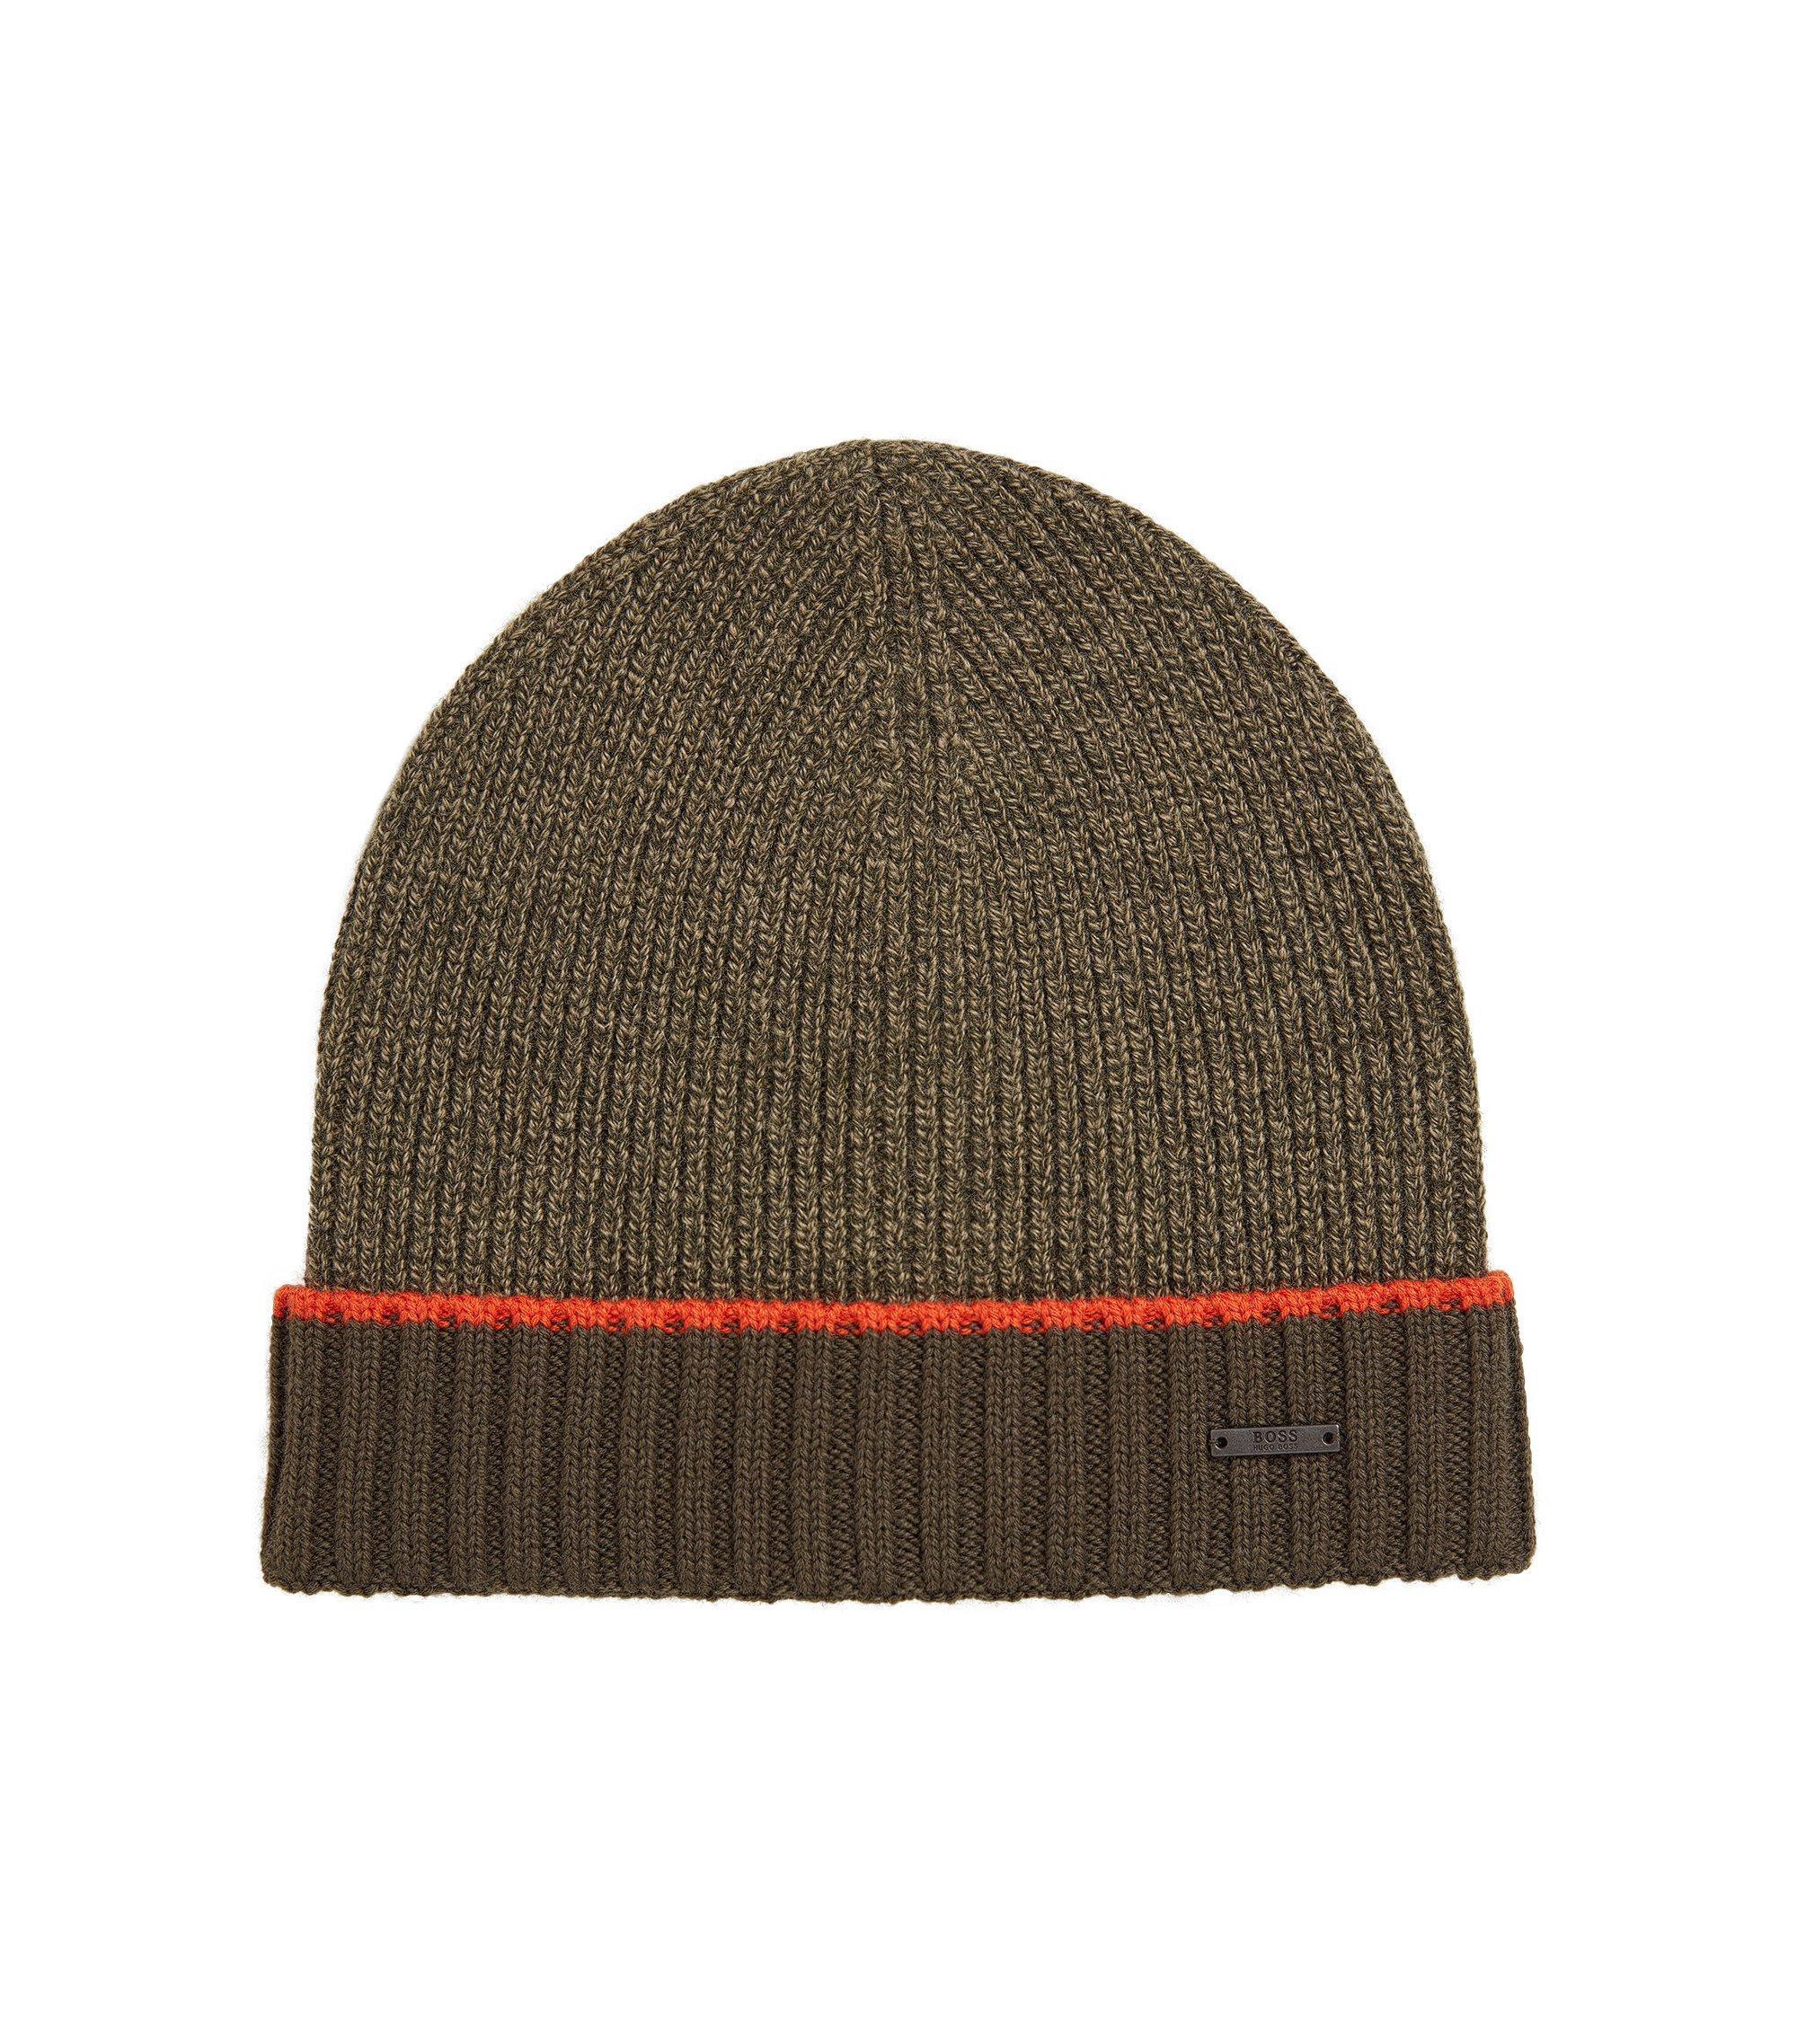 Cappello zuccotto in lana vergine mouliné, Verde